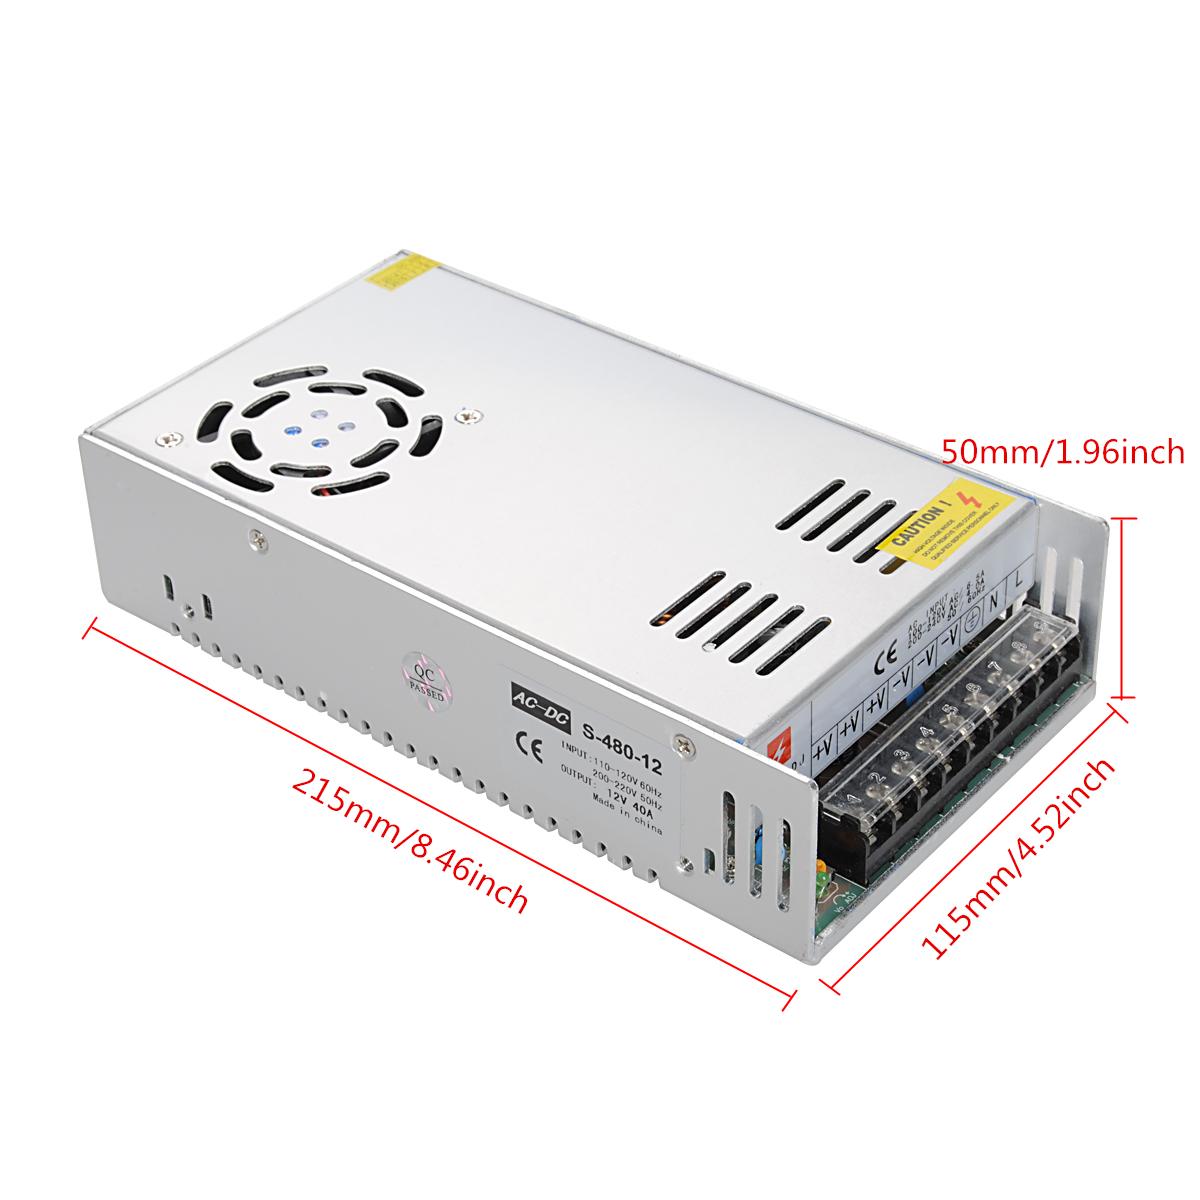 Switch Power Supply Adapter Ac110 220v To Dc 48v 24v 12v